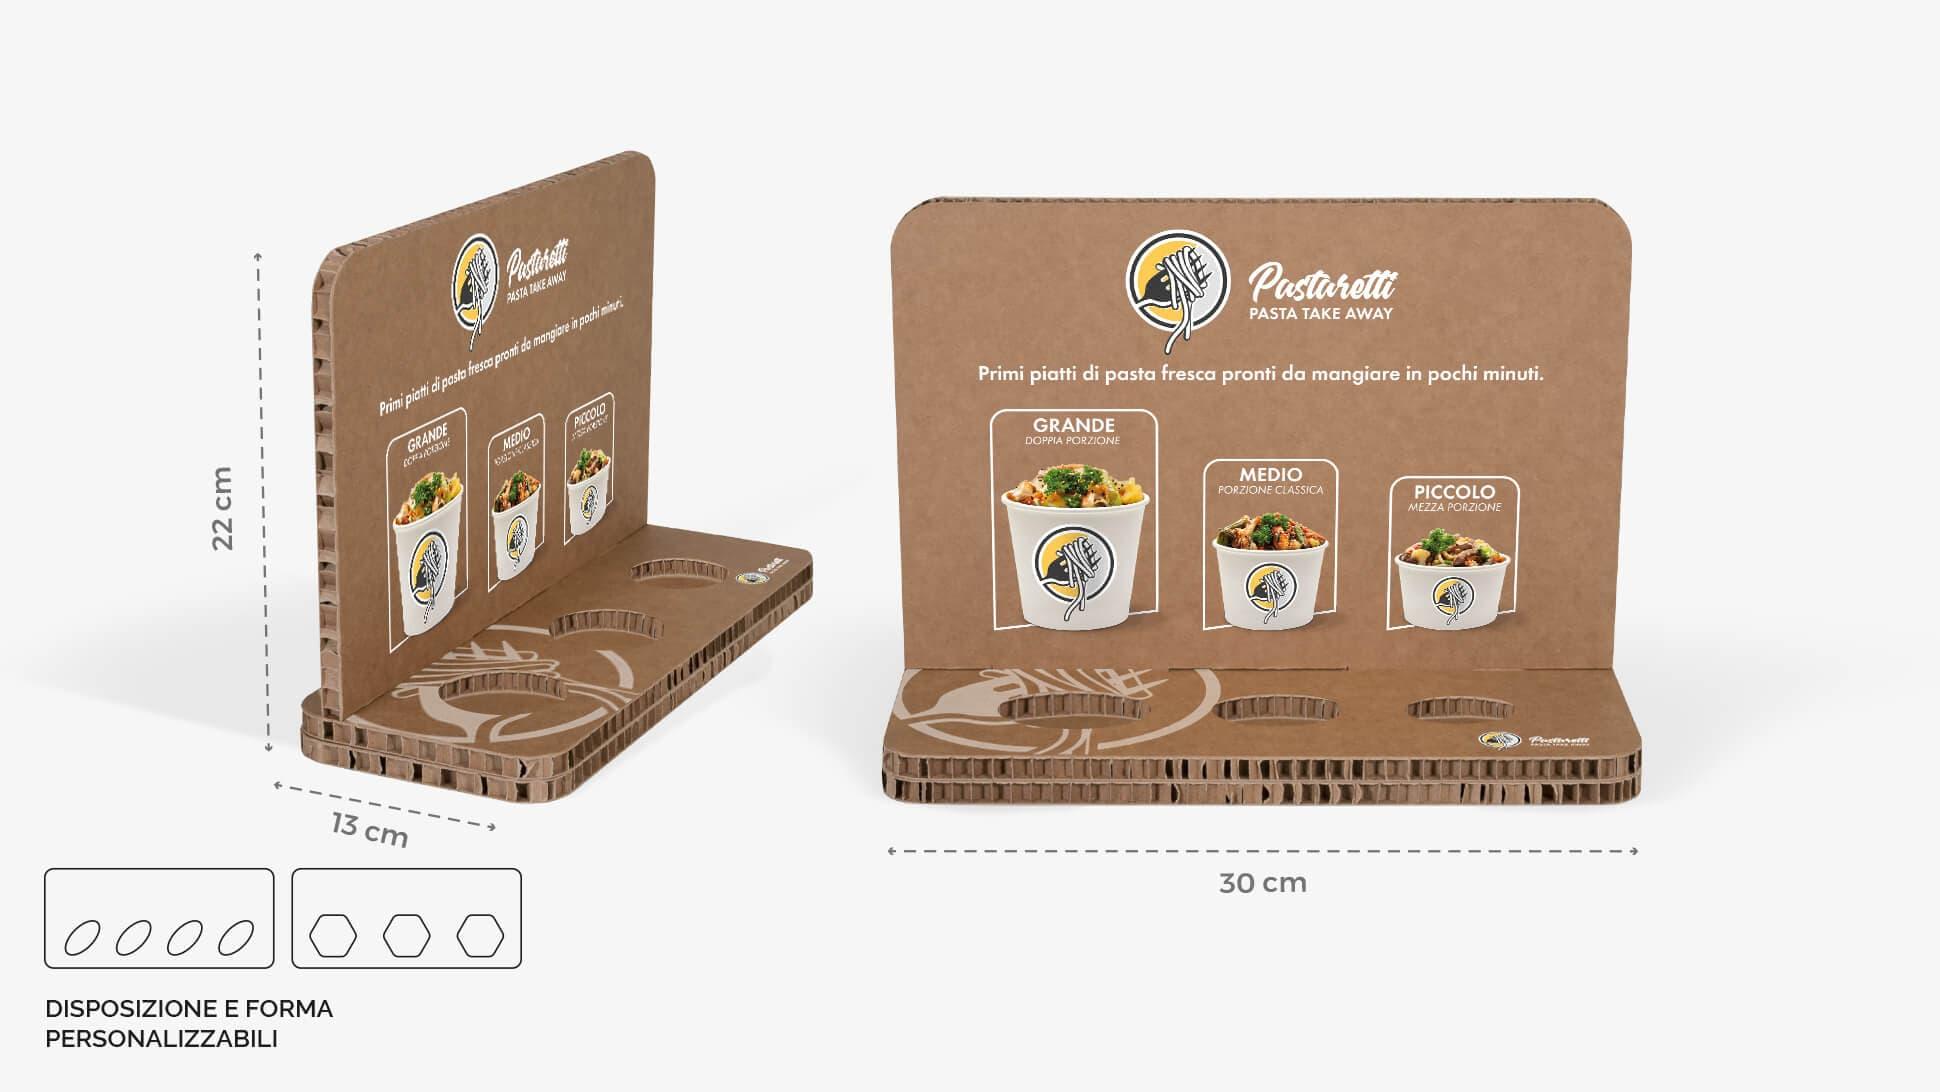 Espositore in cartone alveolare avana ideale per negozi e punti vendita | tictac.it